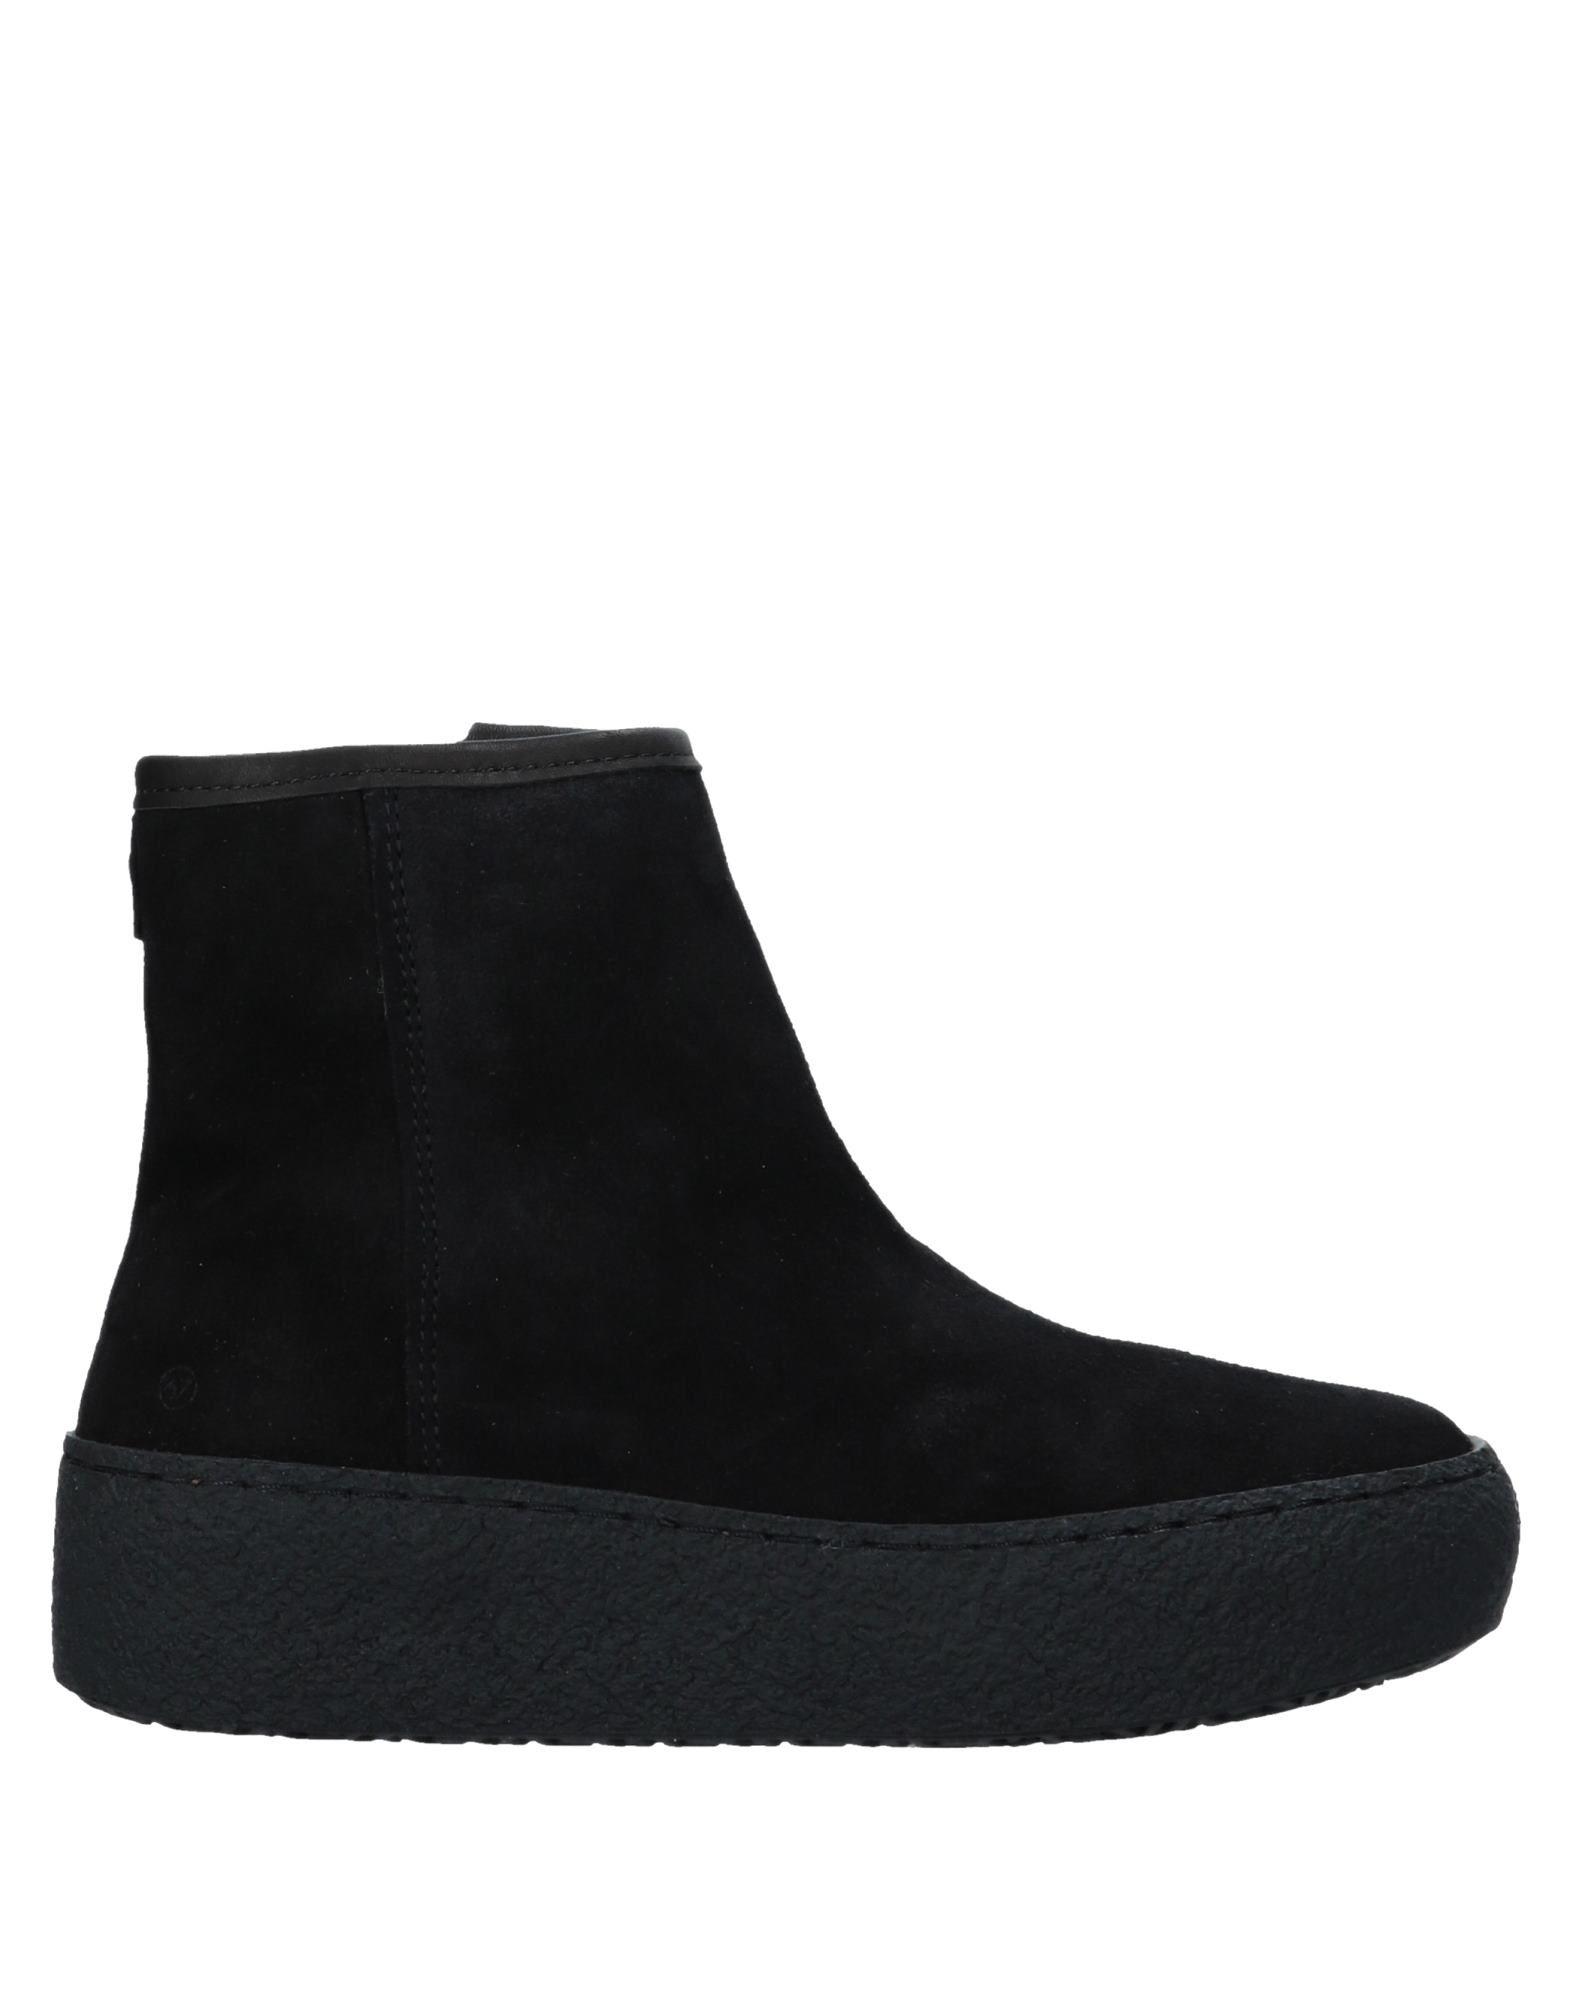 67 Sixtyseven Stiefelette Damen  11542861JP Gute Qualität beliebte Schuhe